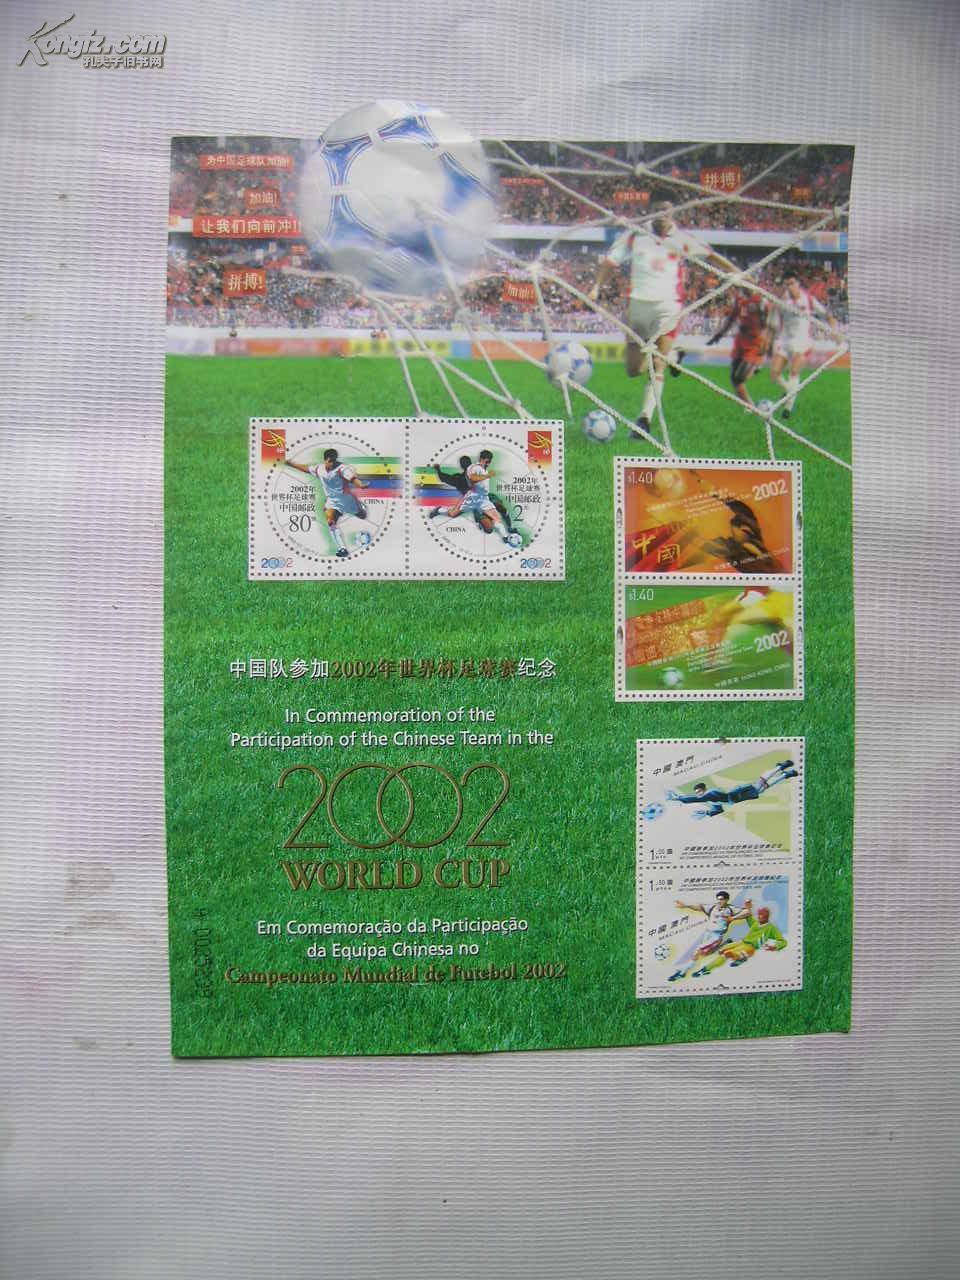 2012世界朩��y�-yolL_中国队参加2012年世界杯足球赛纪念